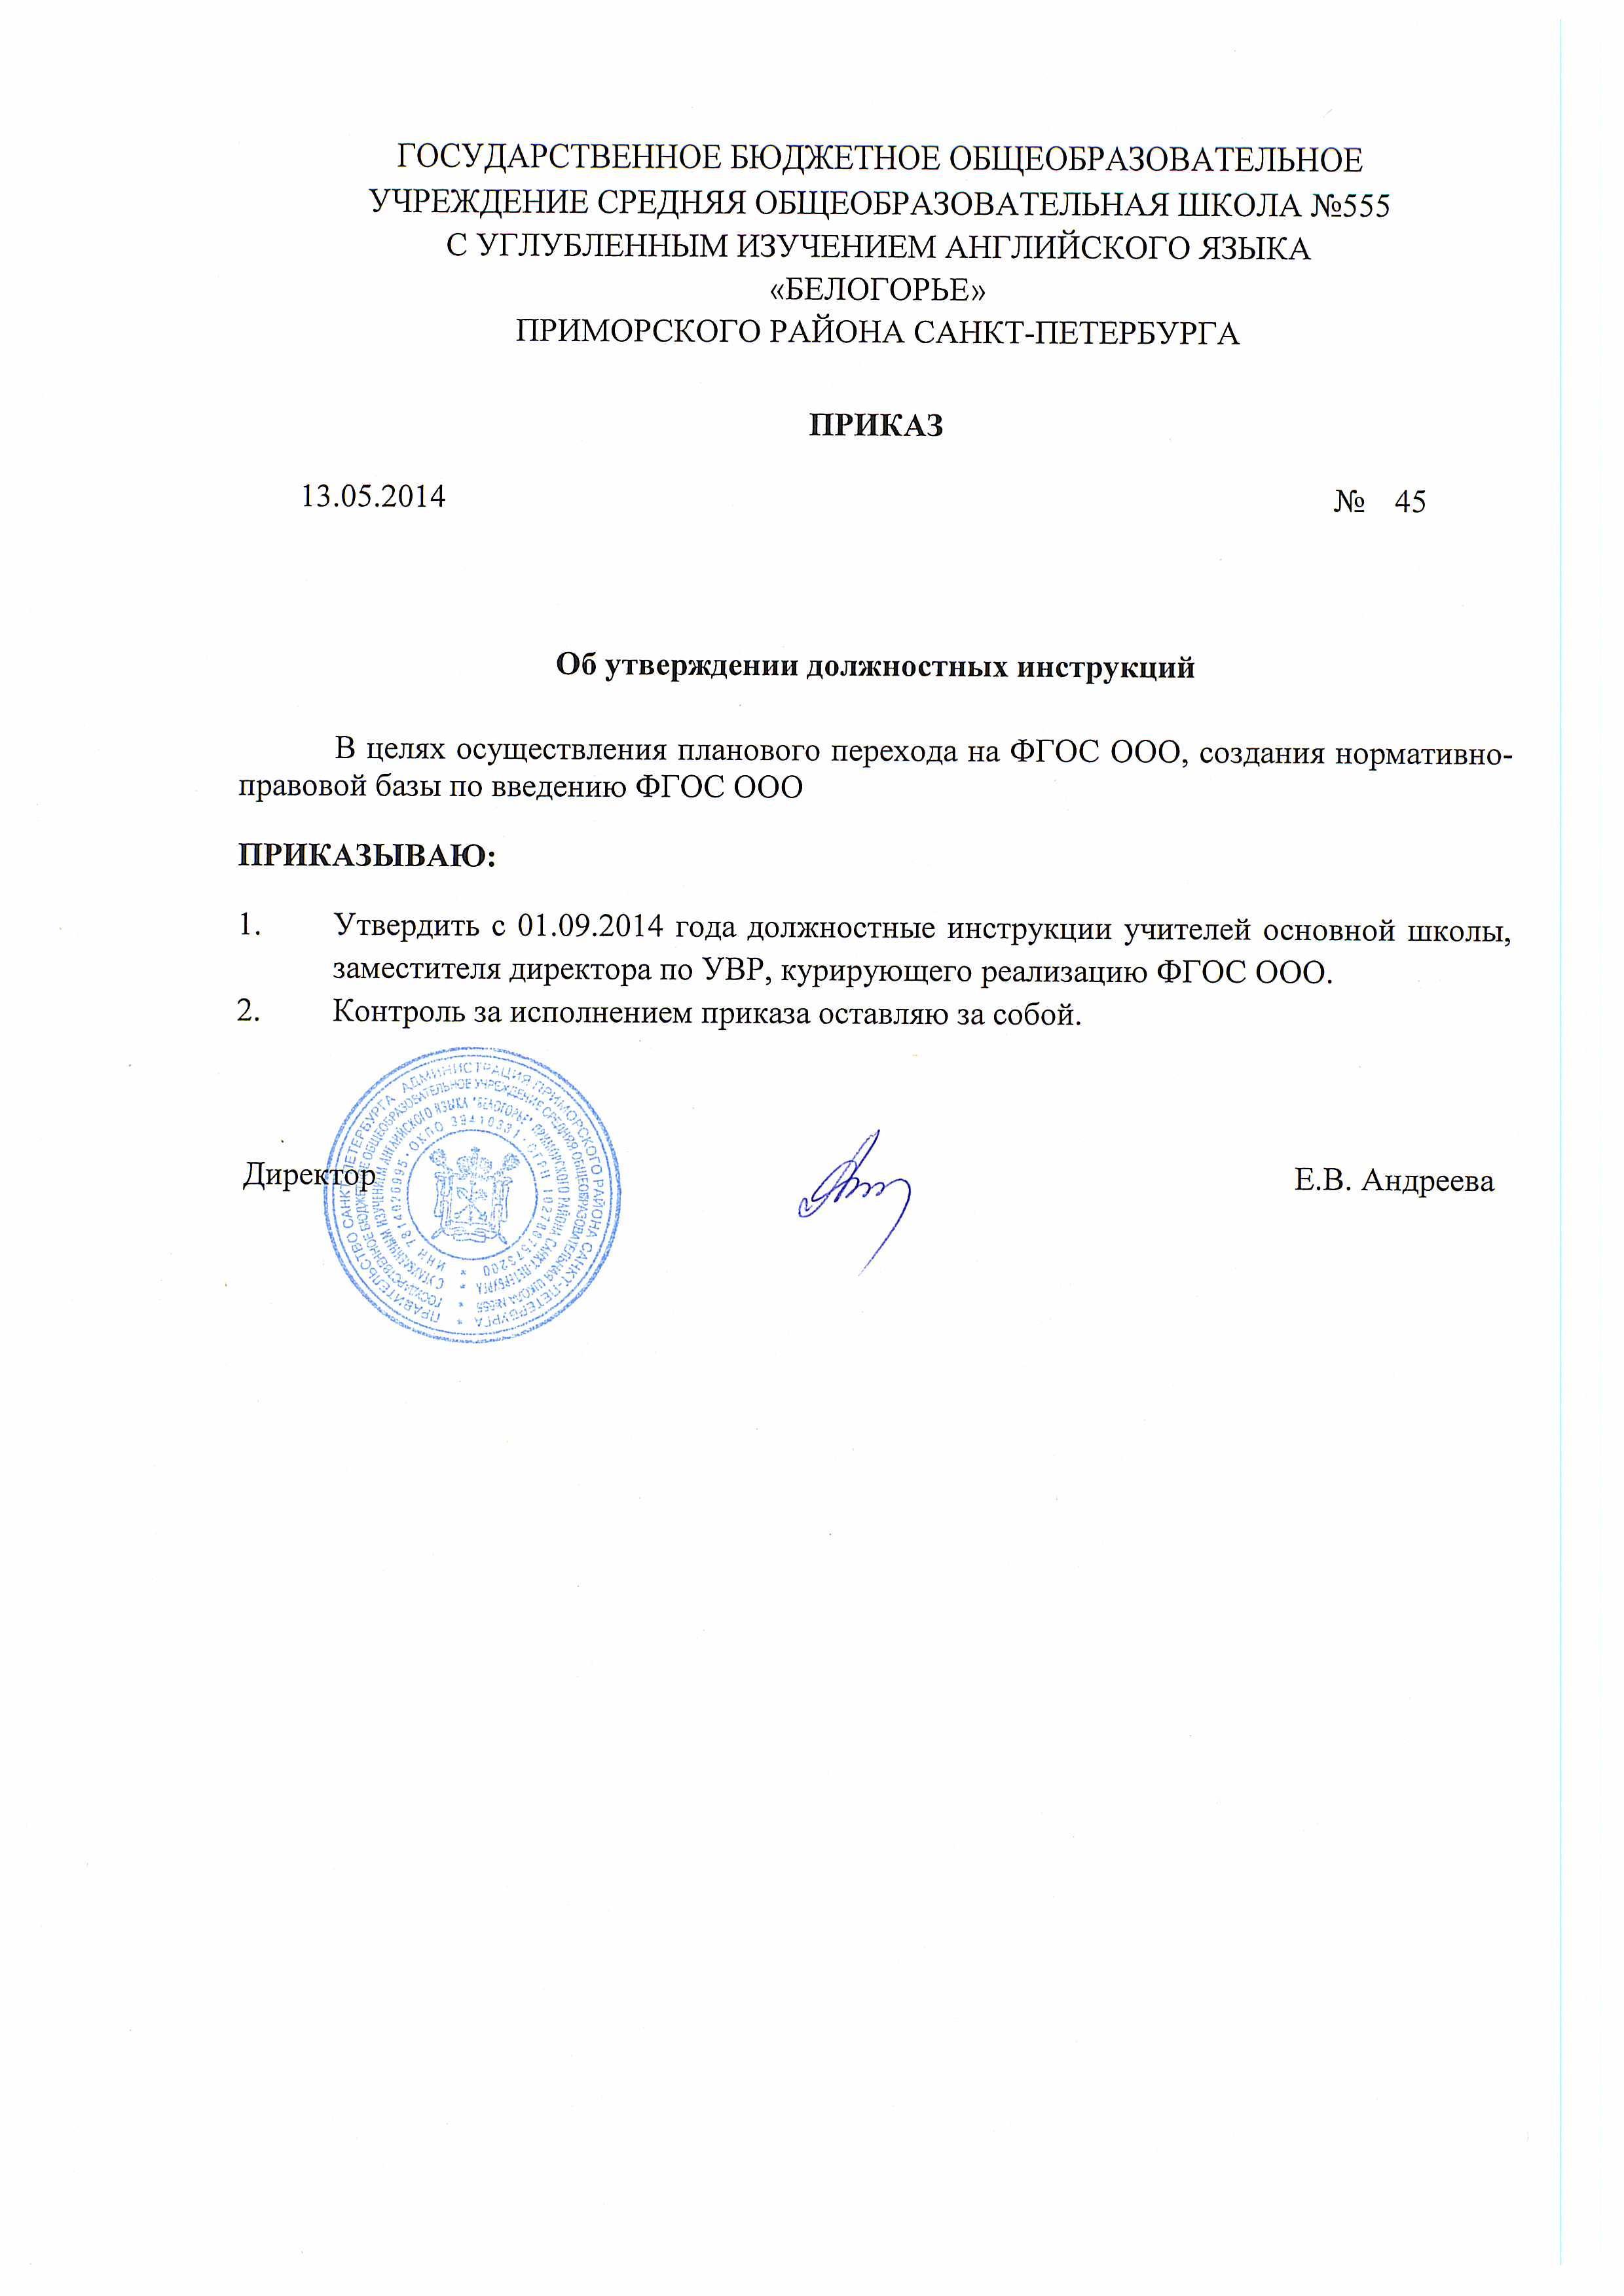 ГБОУ школа № Белогорье ФГОС Утверждение должностных инструкций